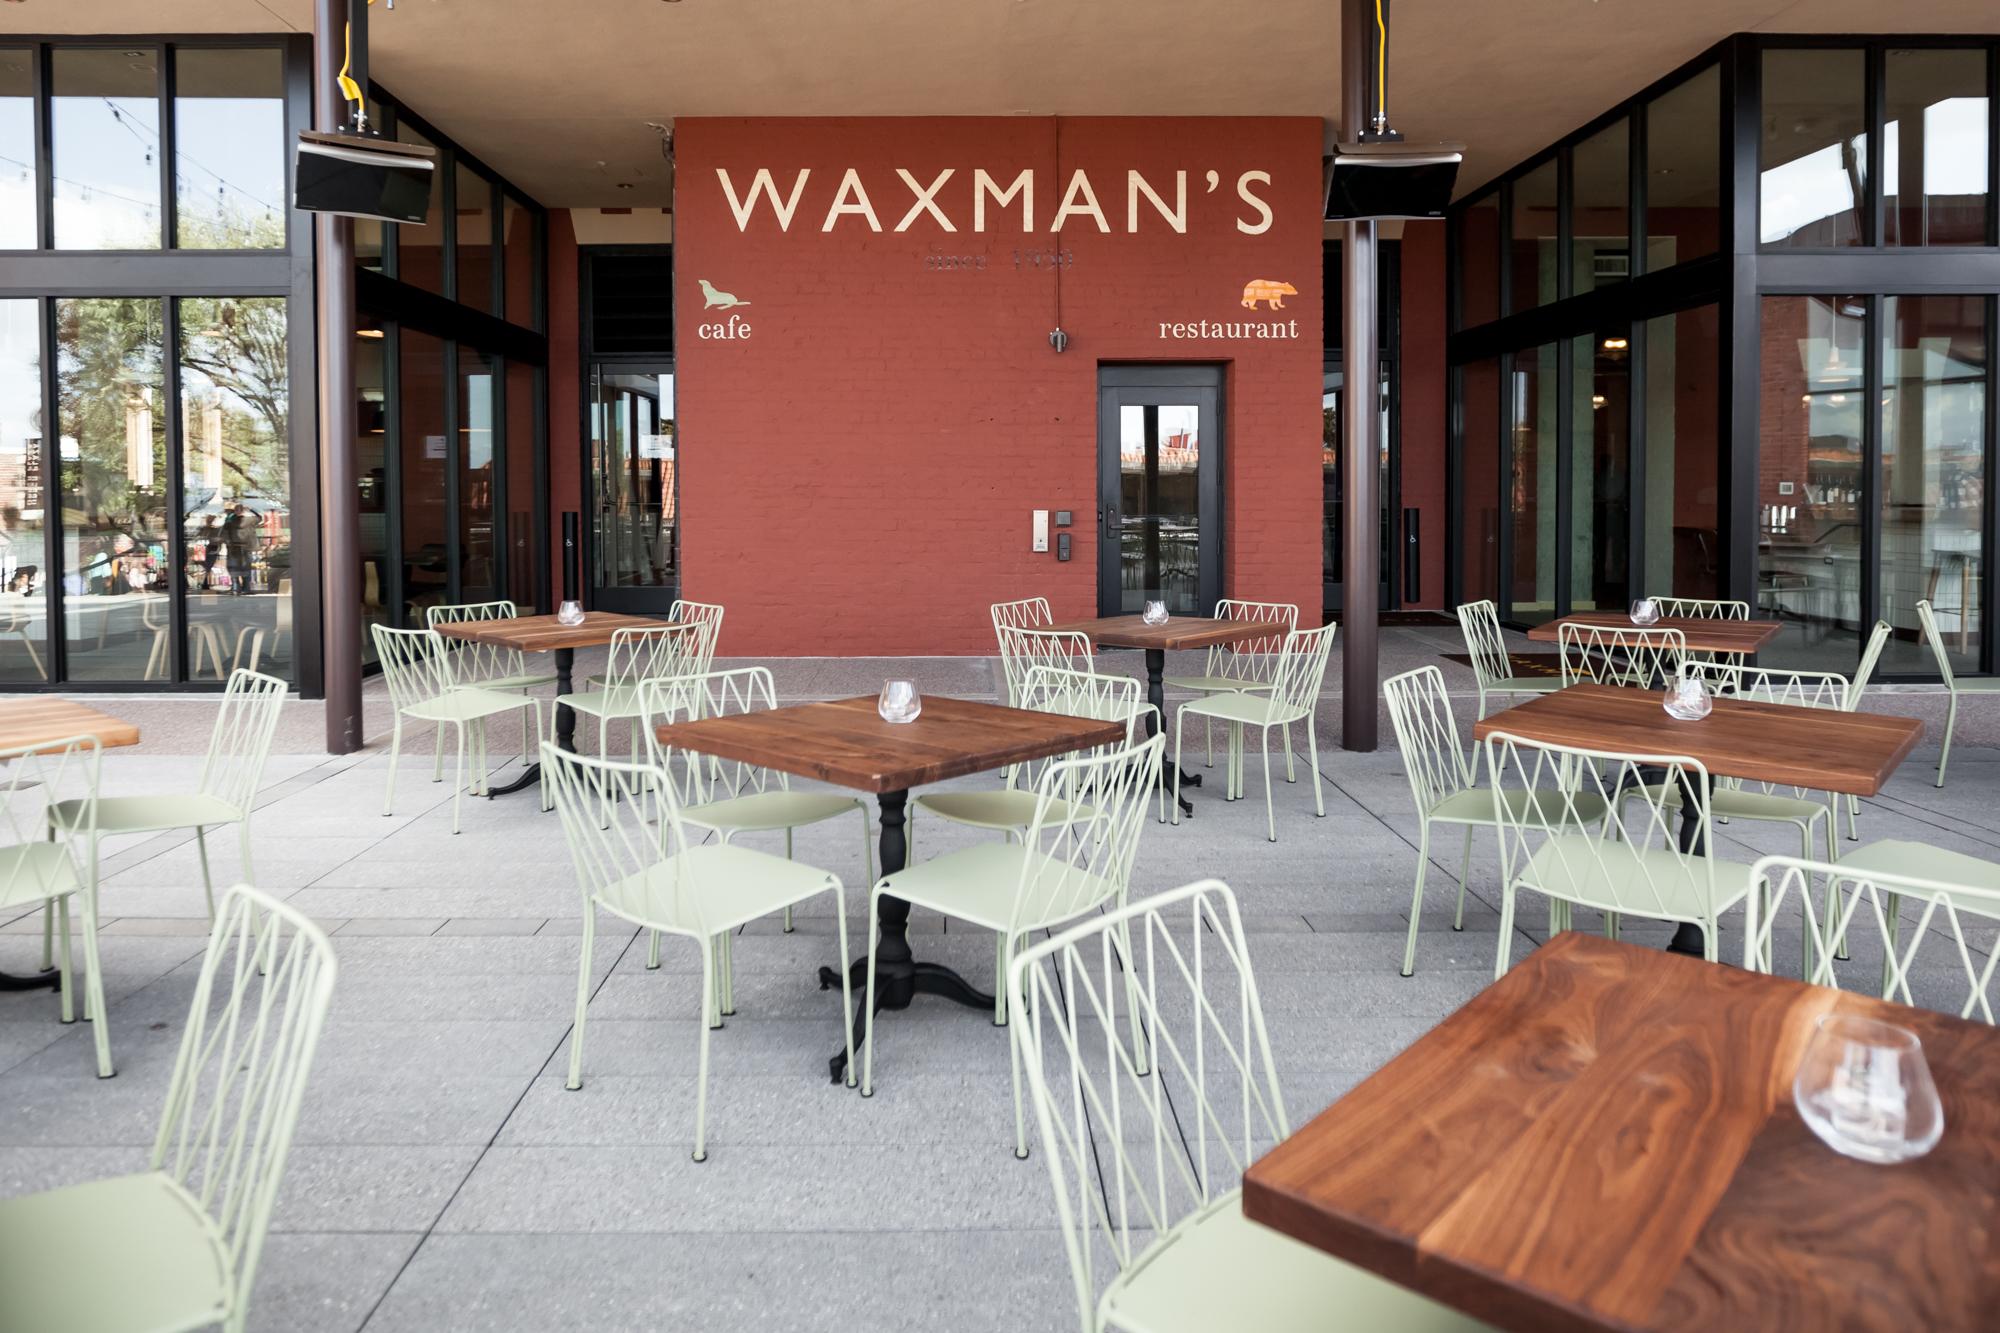 Waxman's